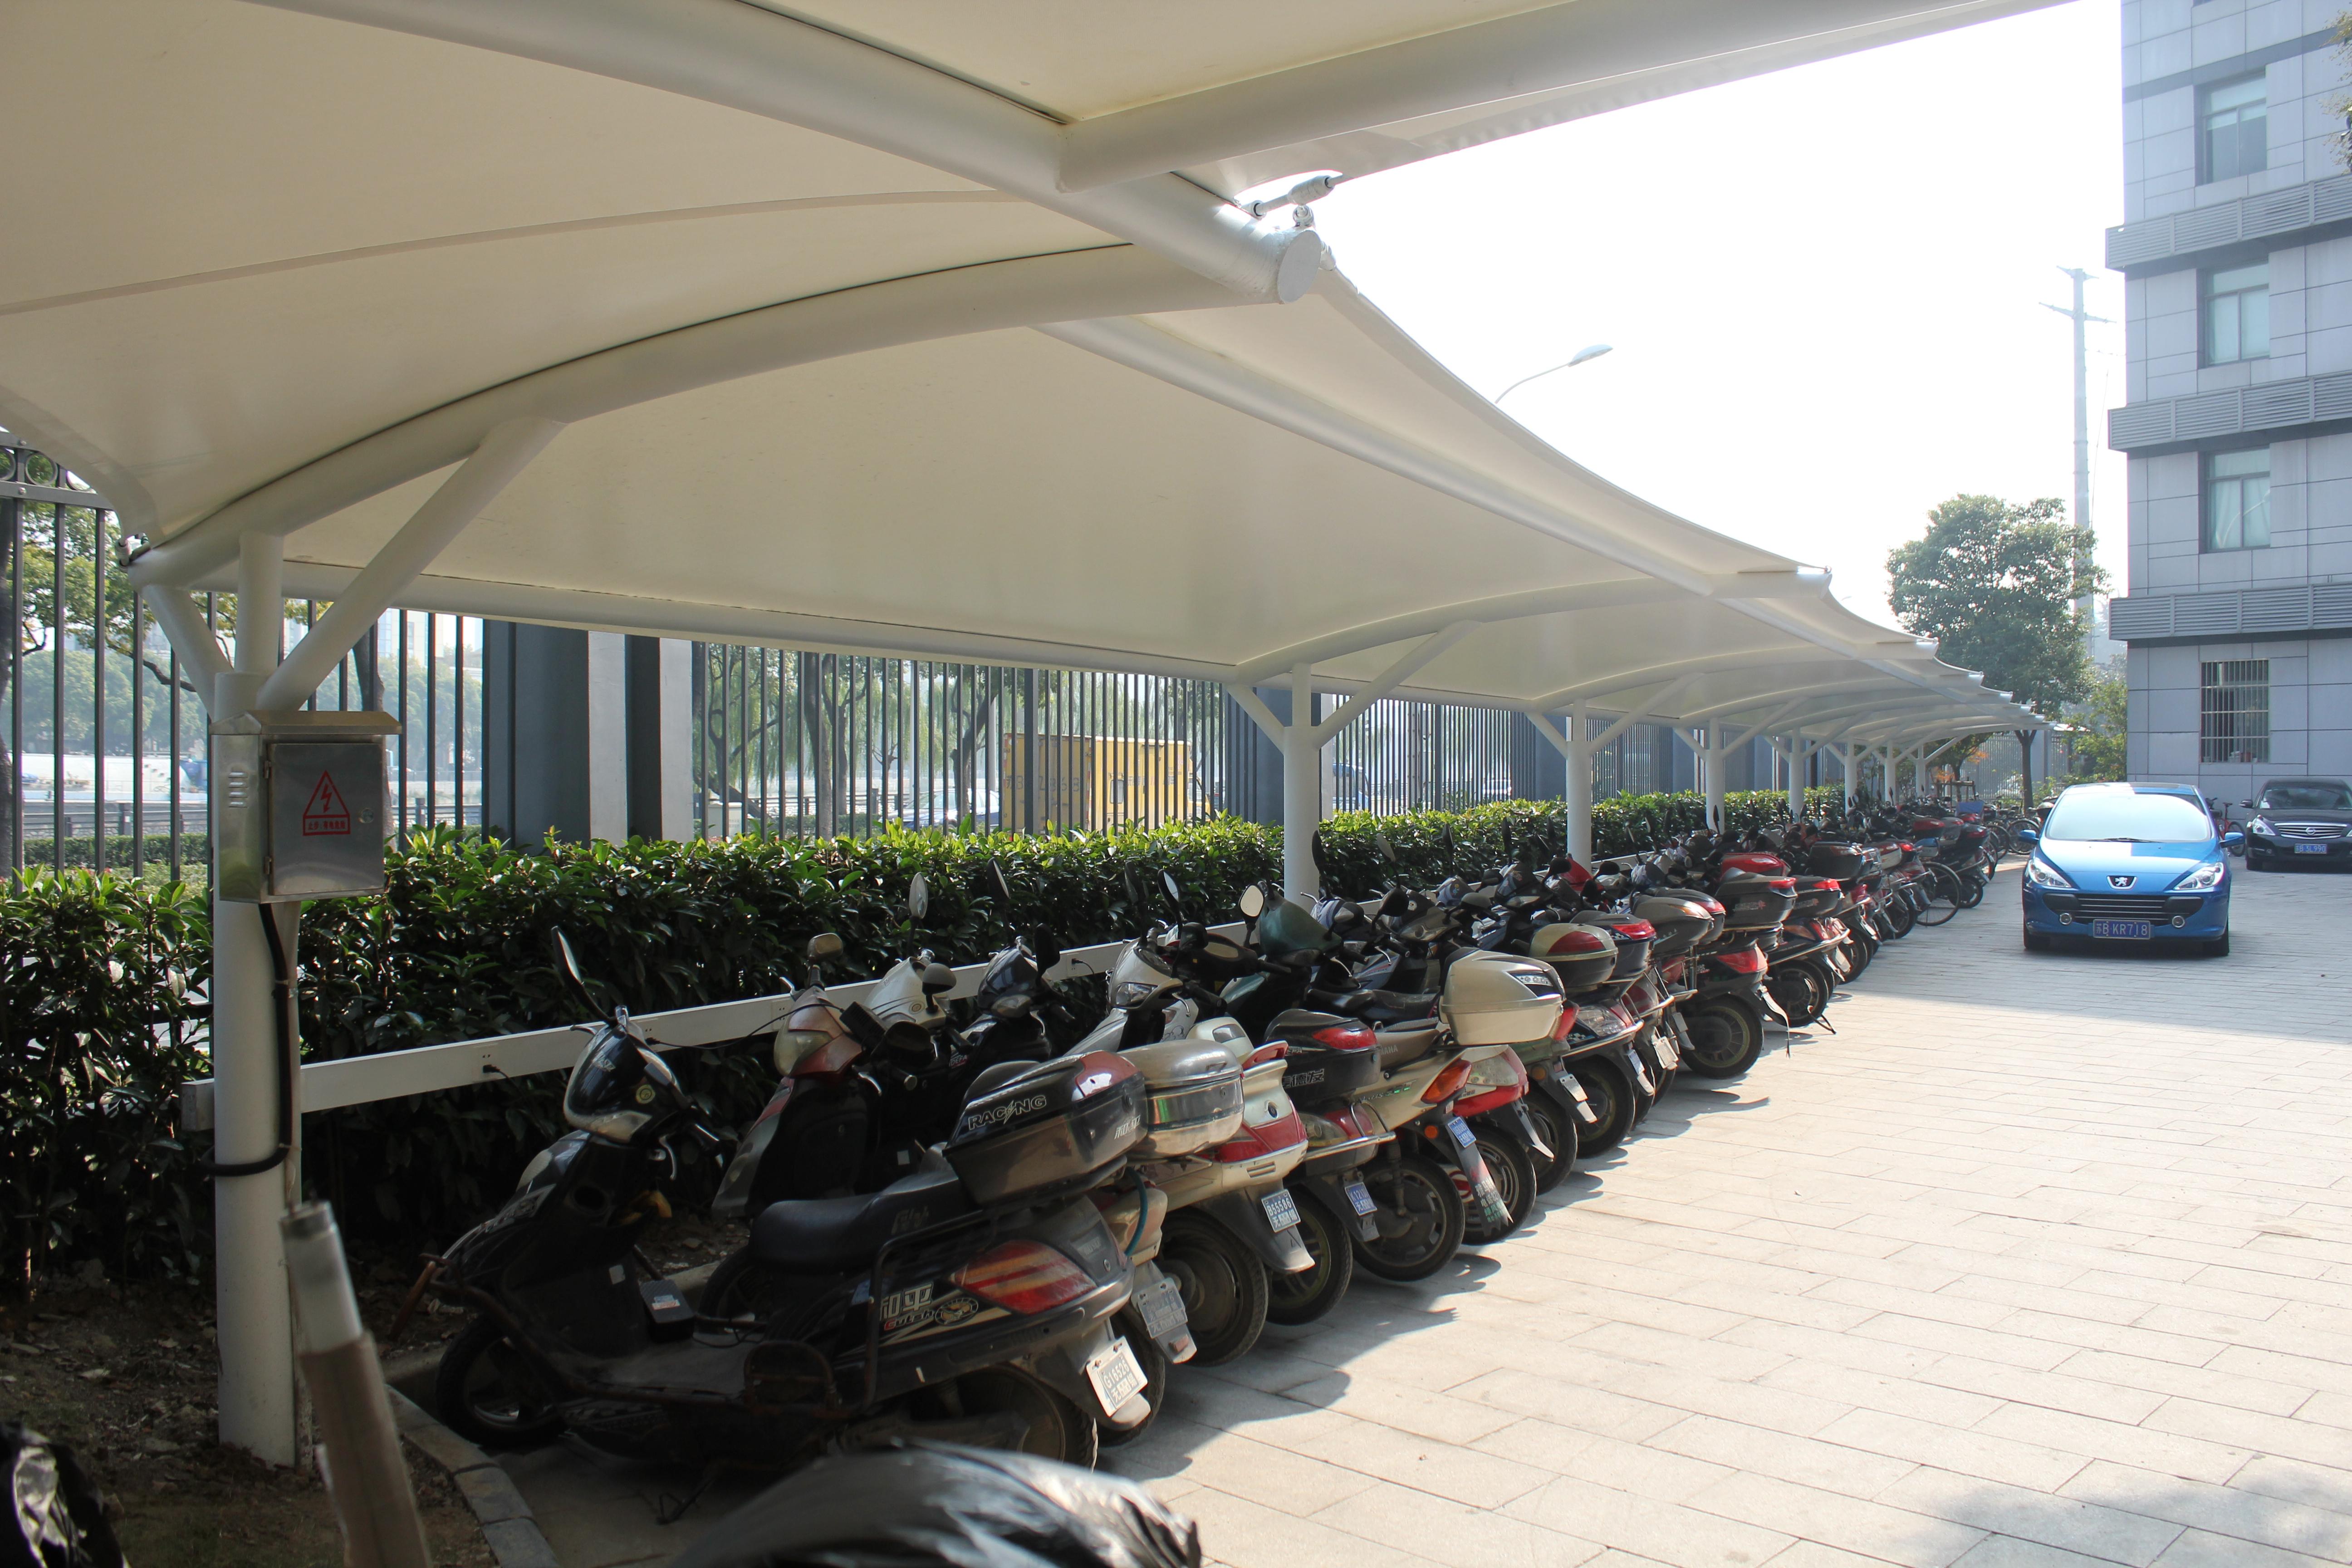 充电自行车棚 自行车棚 车棚产品演示图2